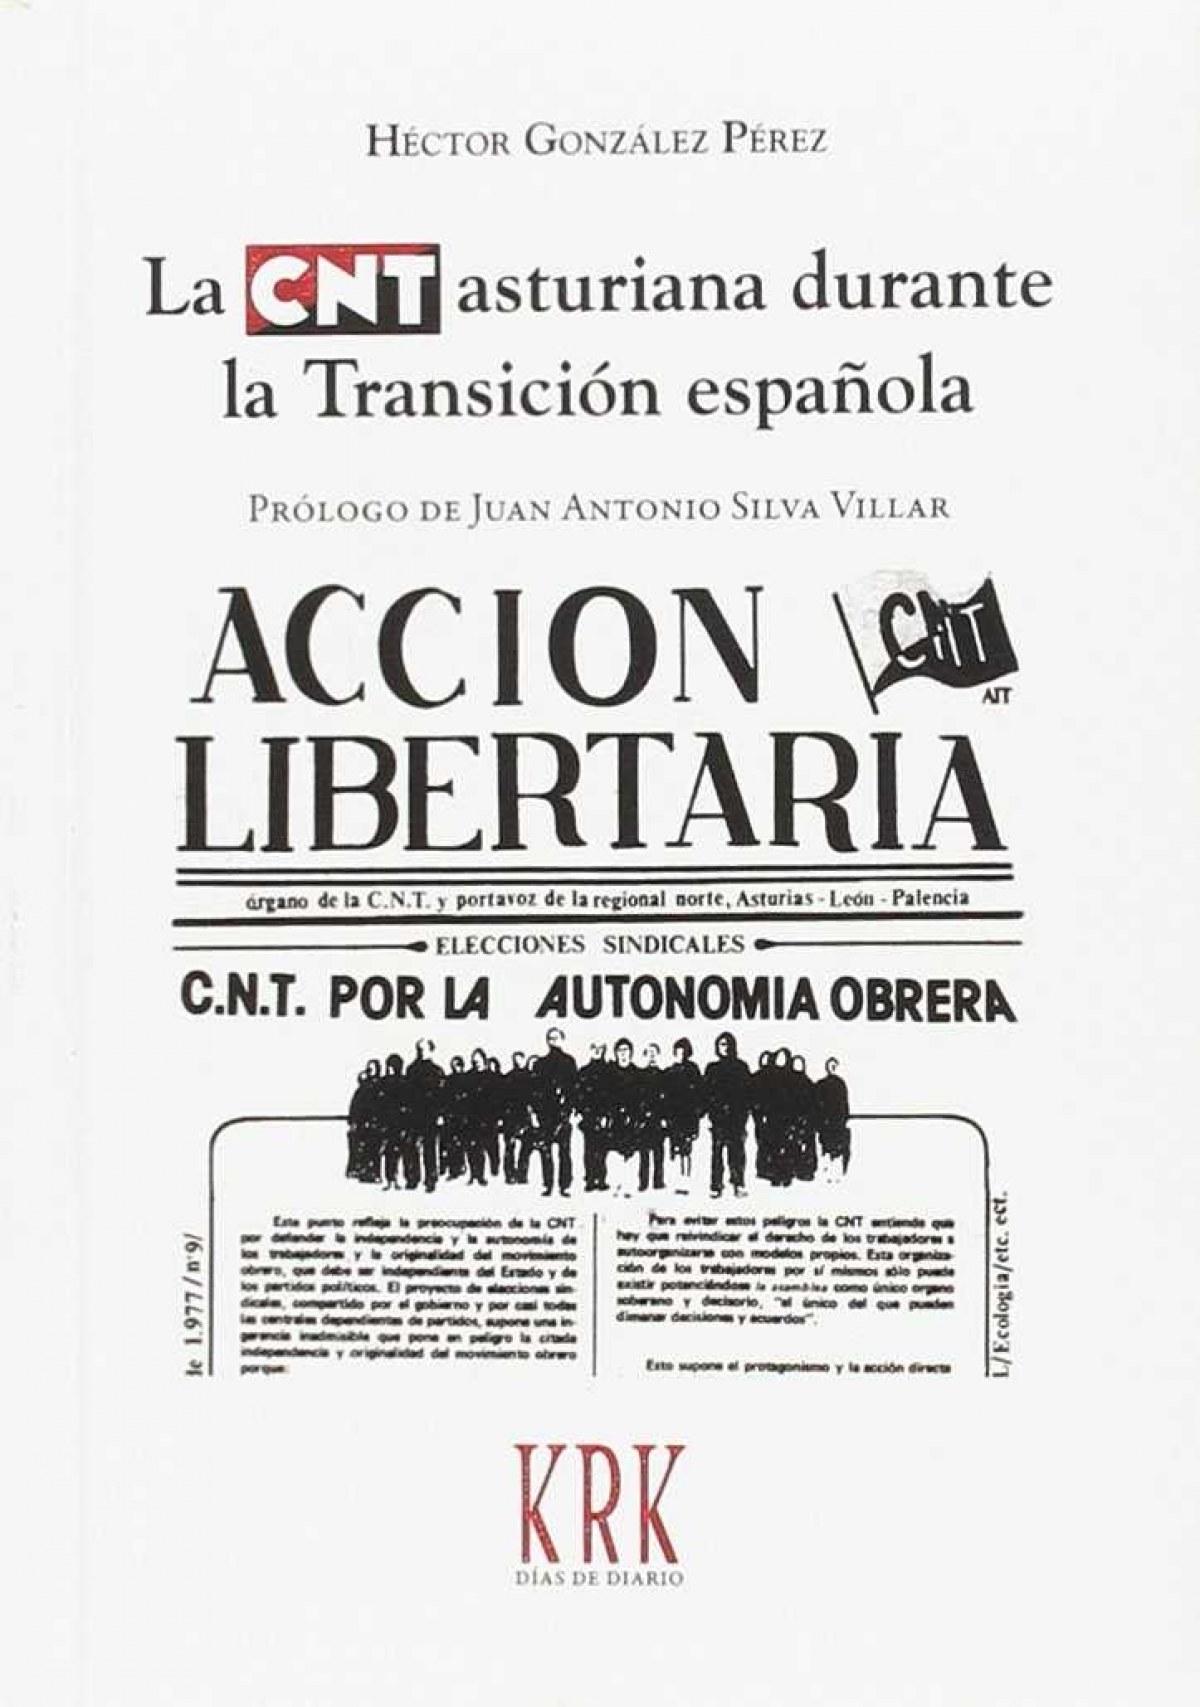 LA CNT ASTURIANA DURANTE LA TRANSICIÓN ESPAÑOLA